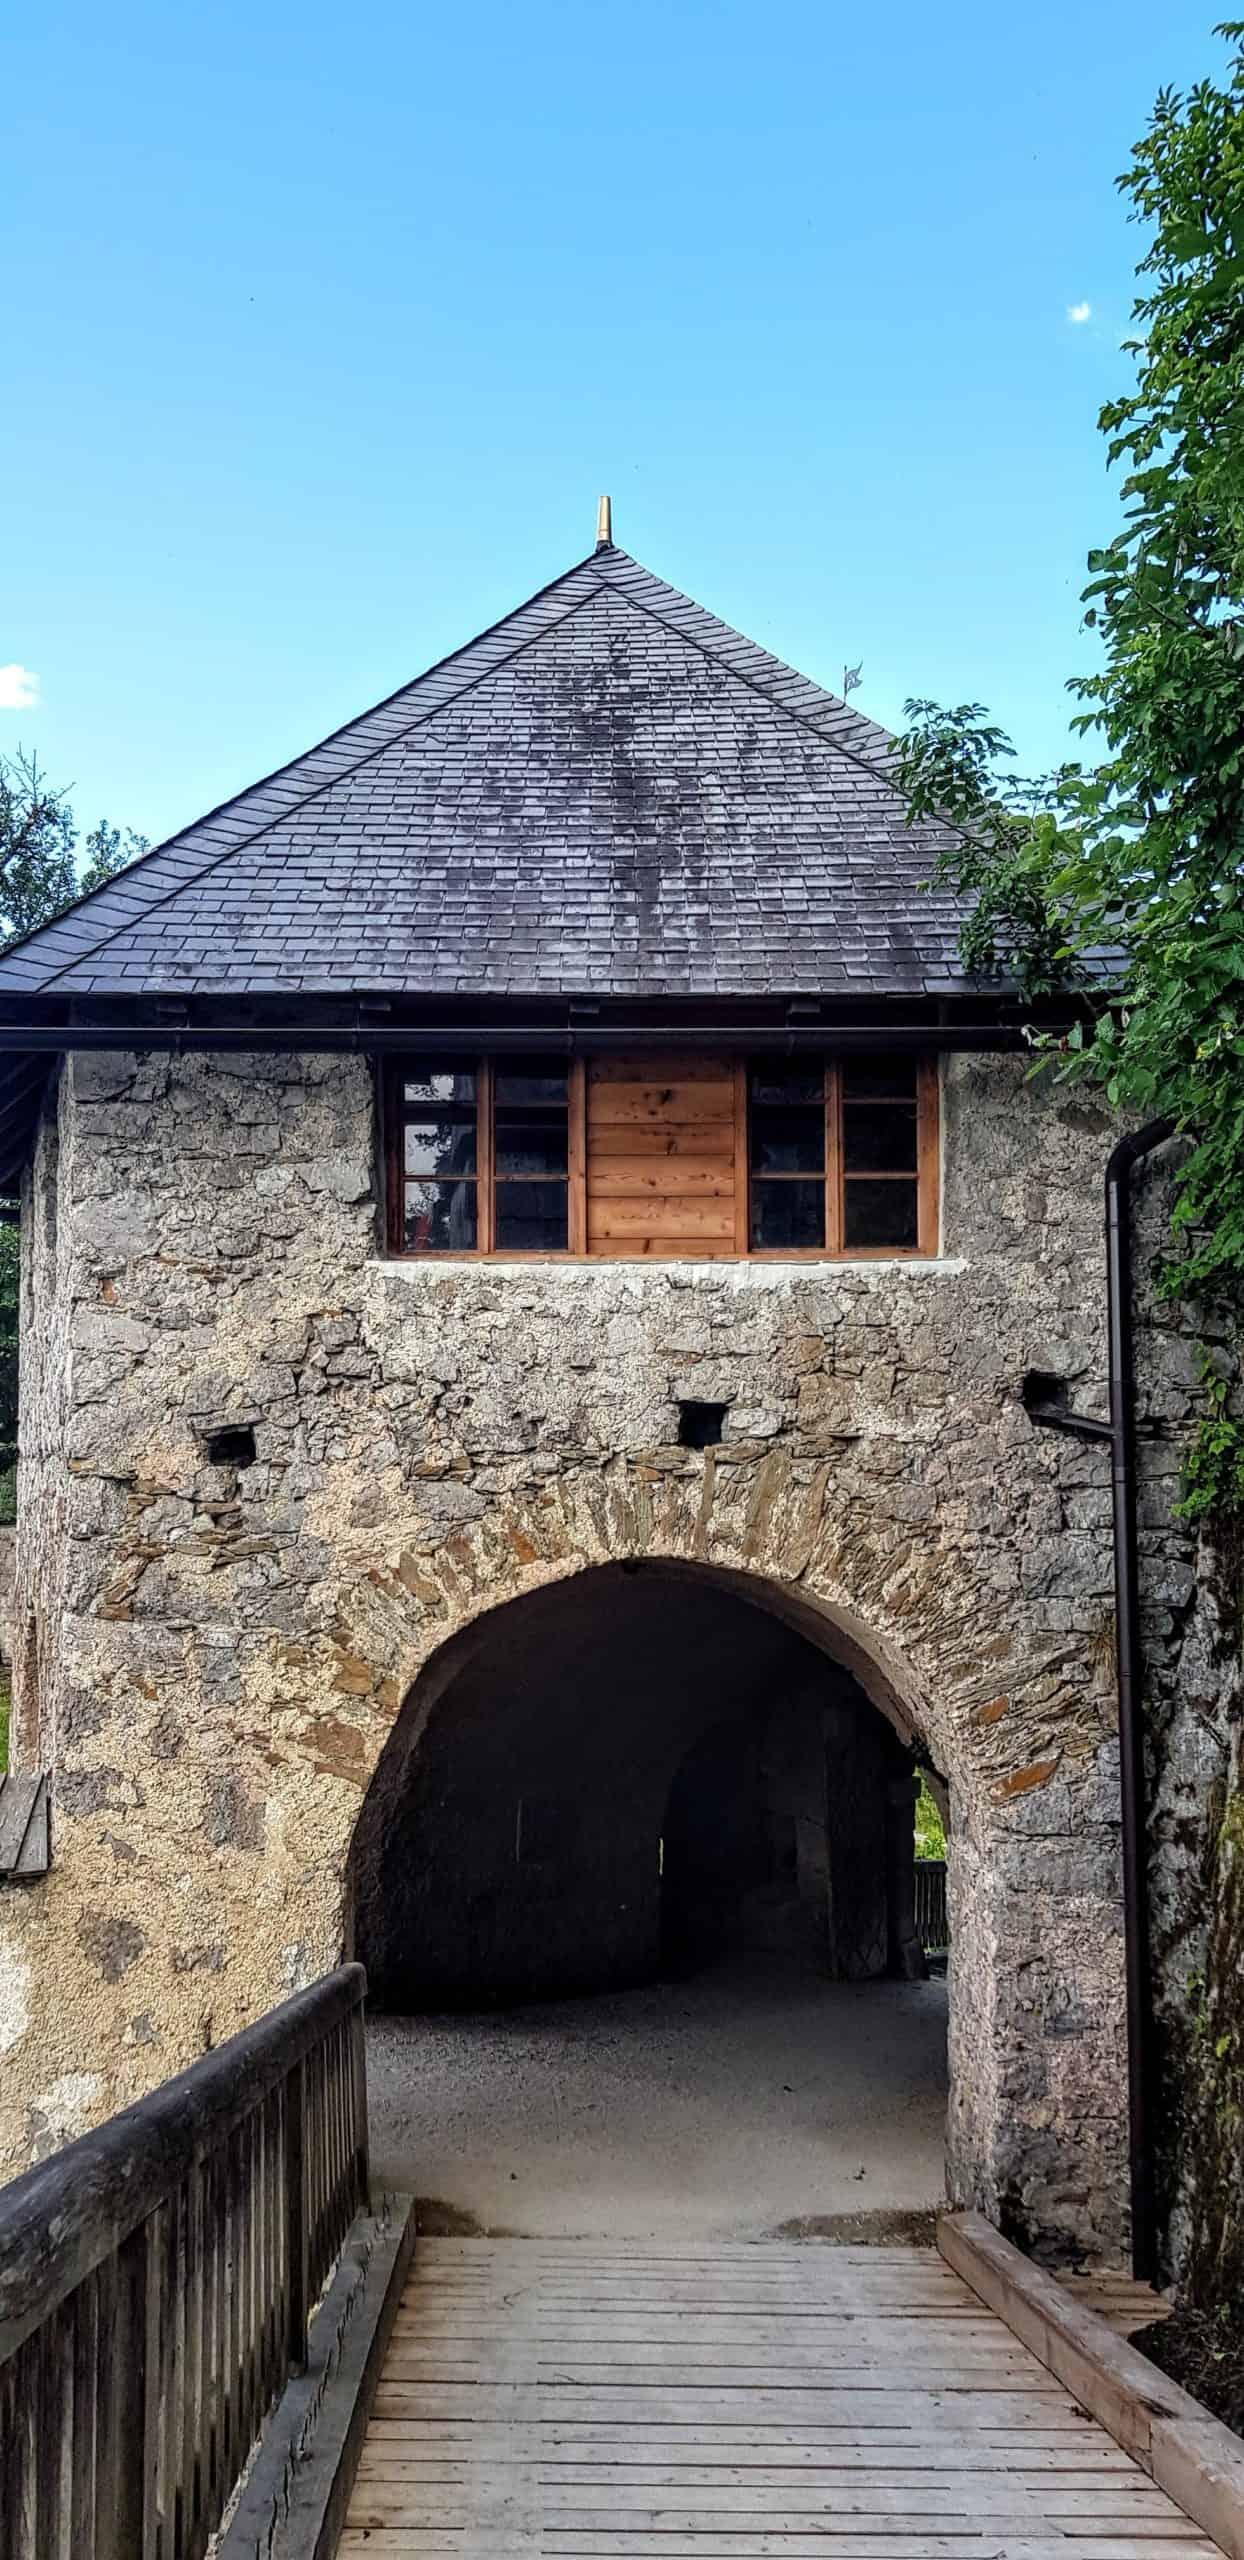 Engeltor - mittelalterliches Burgtor auf der Burg Hochosterwitz in der Nähe von Klagenfurt am Wörthersee in Kärnten